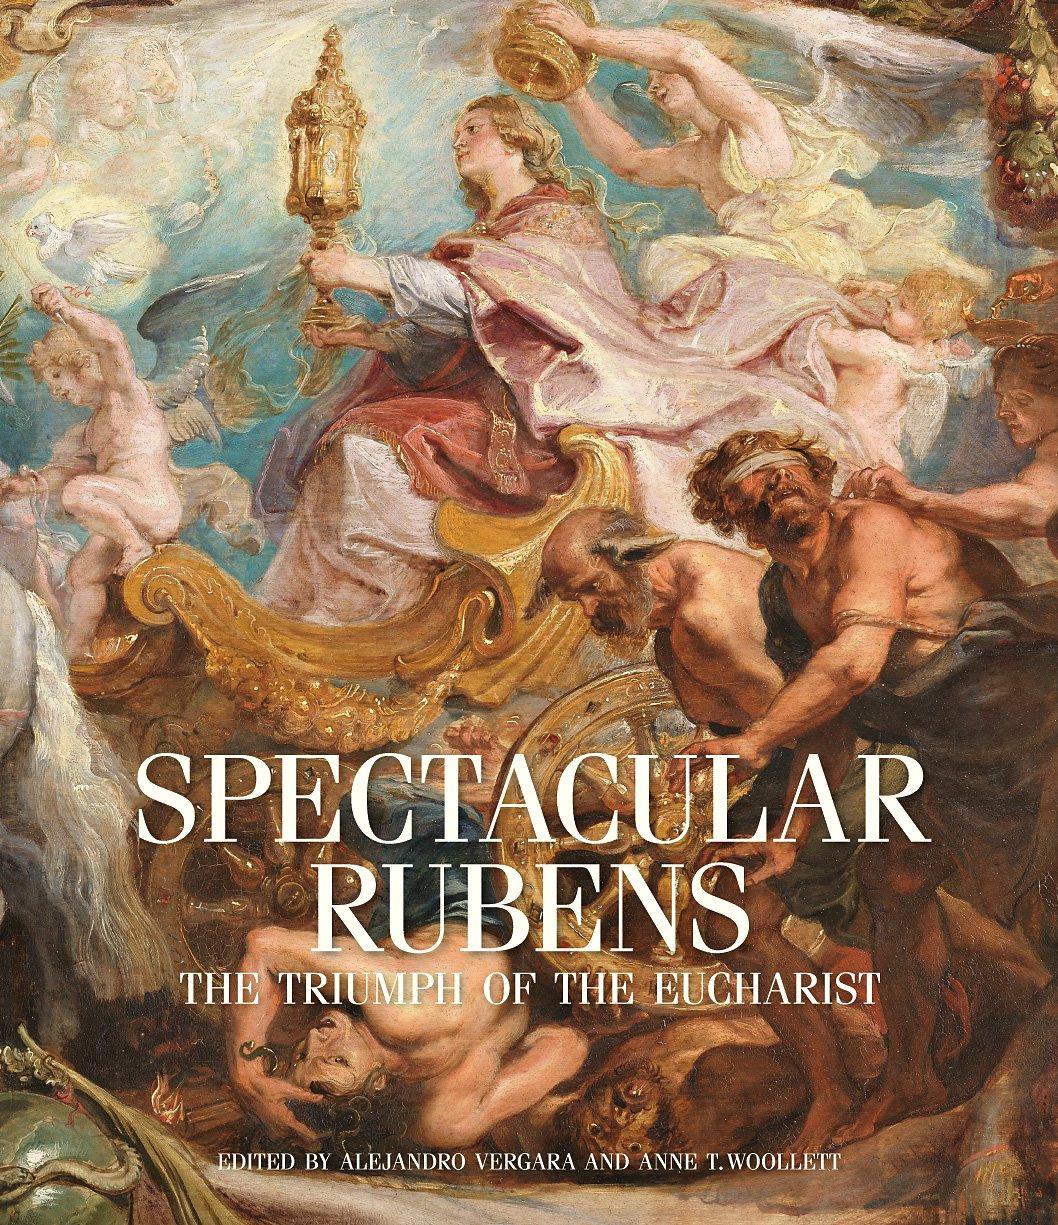 Востановленные сокровища Рубенса выставляют в Лос-Анджелесе